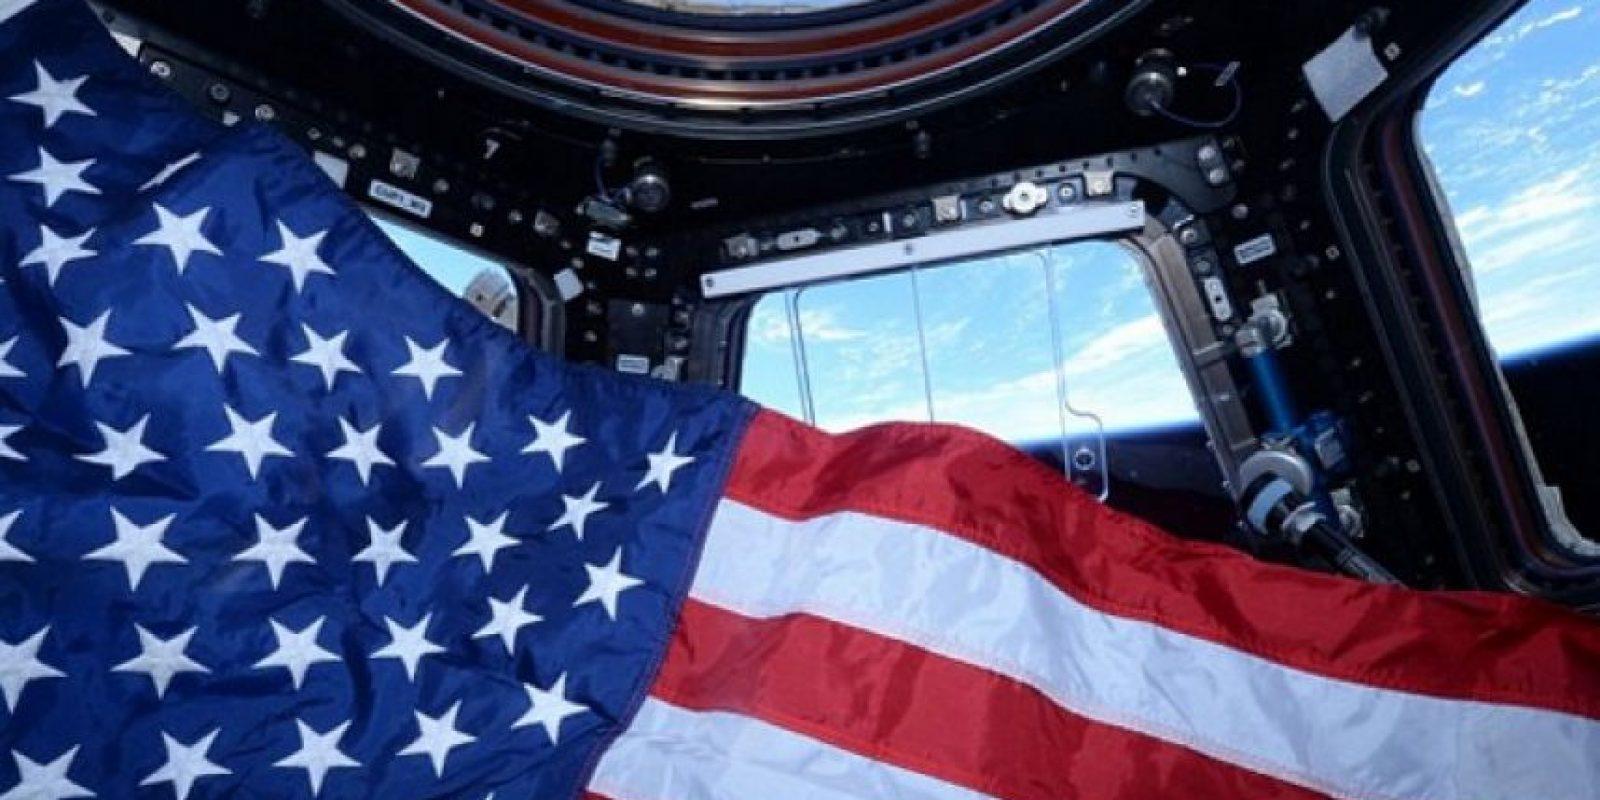 4. Actualmente hay muchos objetos que están en órbita alrededor de la Tierra. Foto:Vía Instagram.com/stationcdrkelly